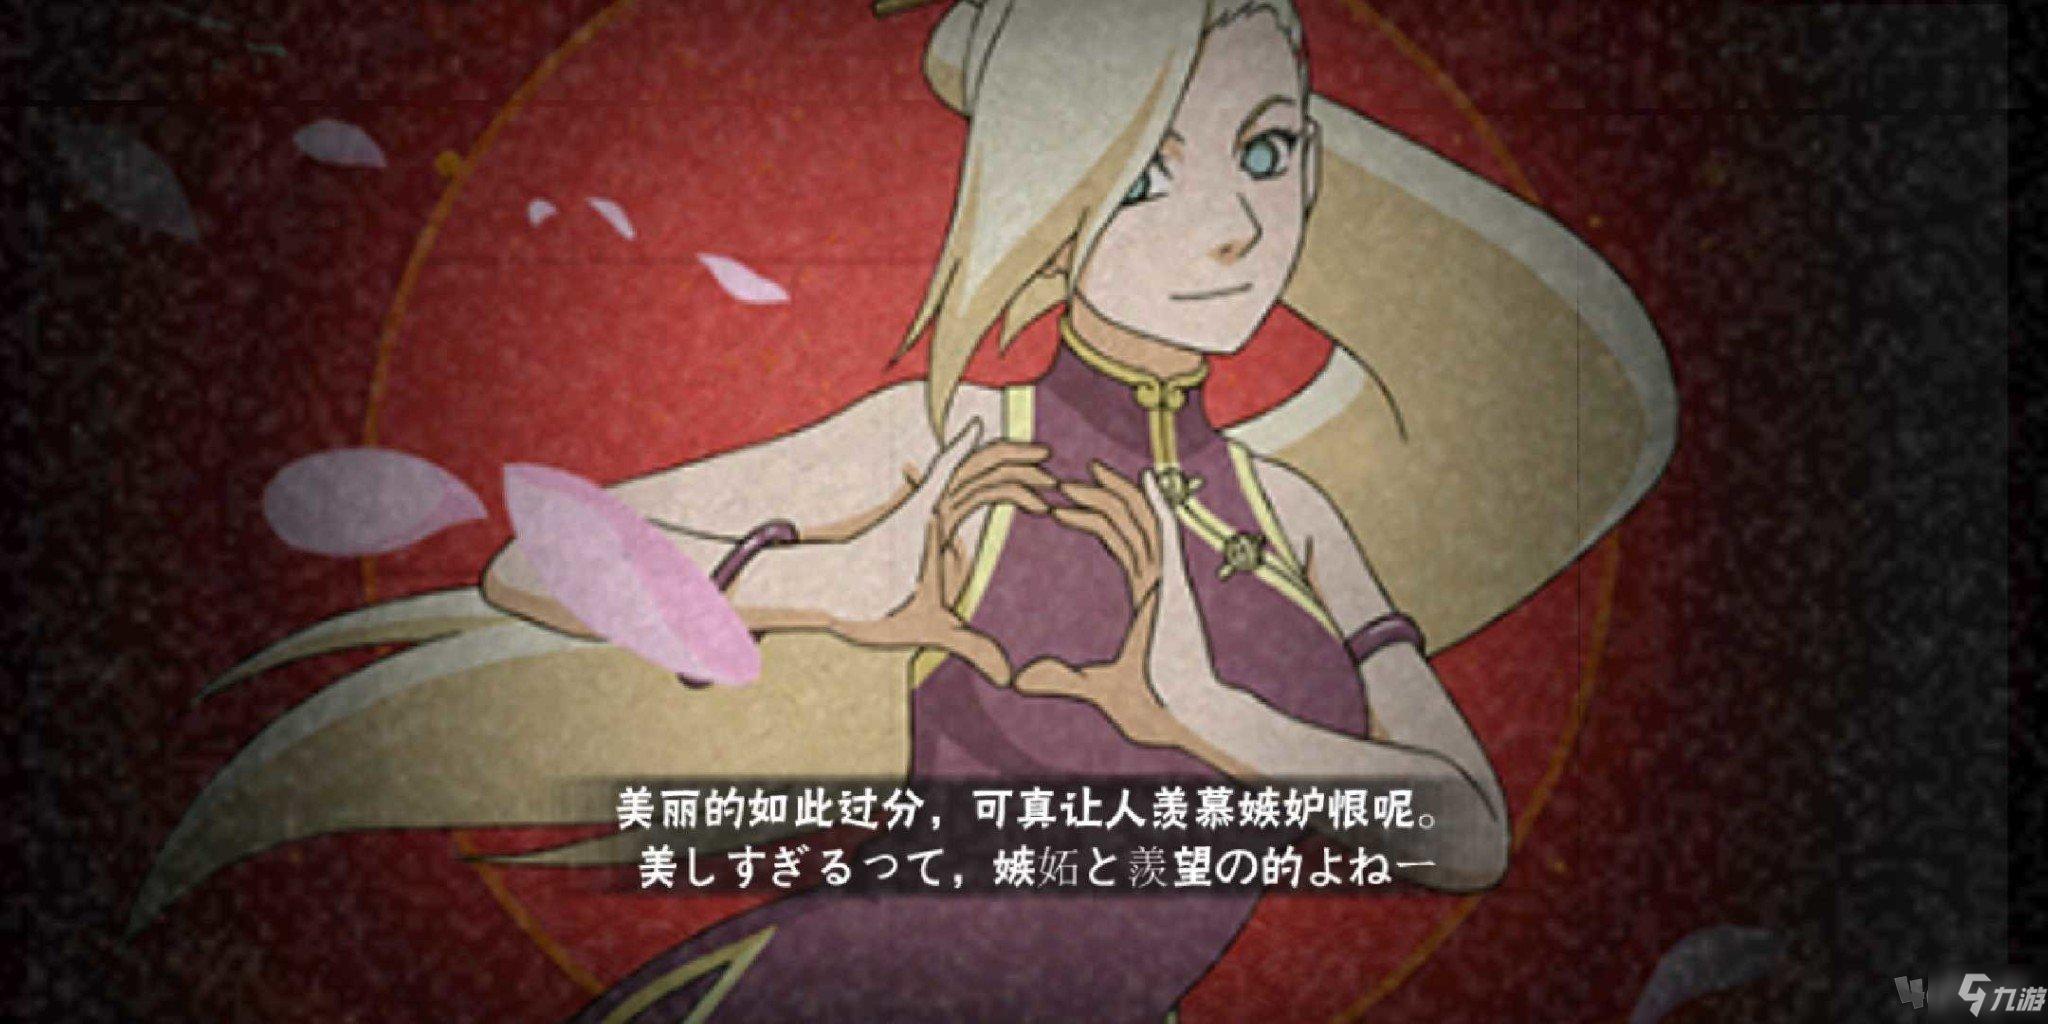 《火影忍者》新春井野怎么玩 新春井野玩法技巧教学